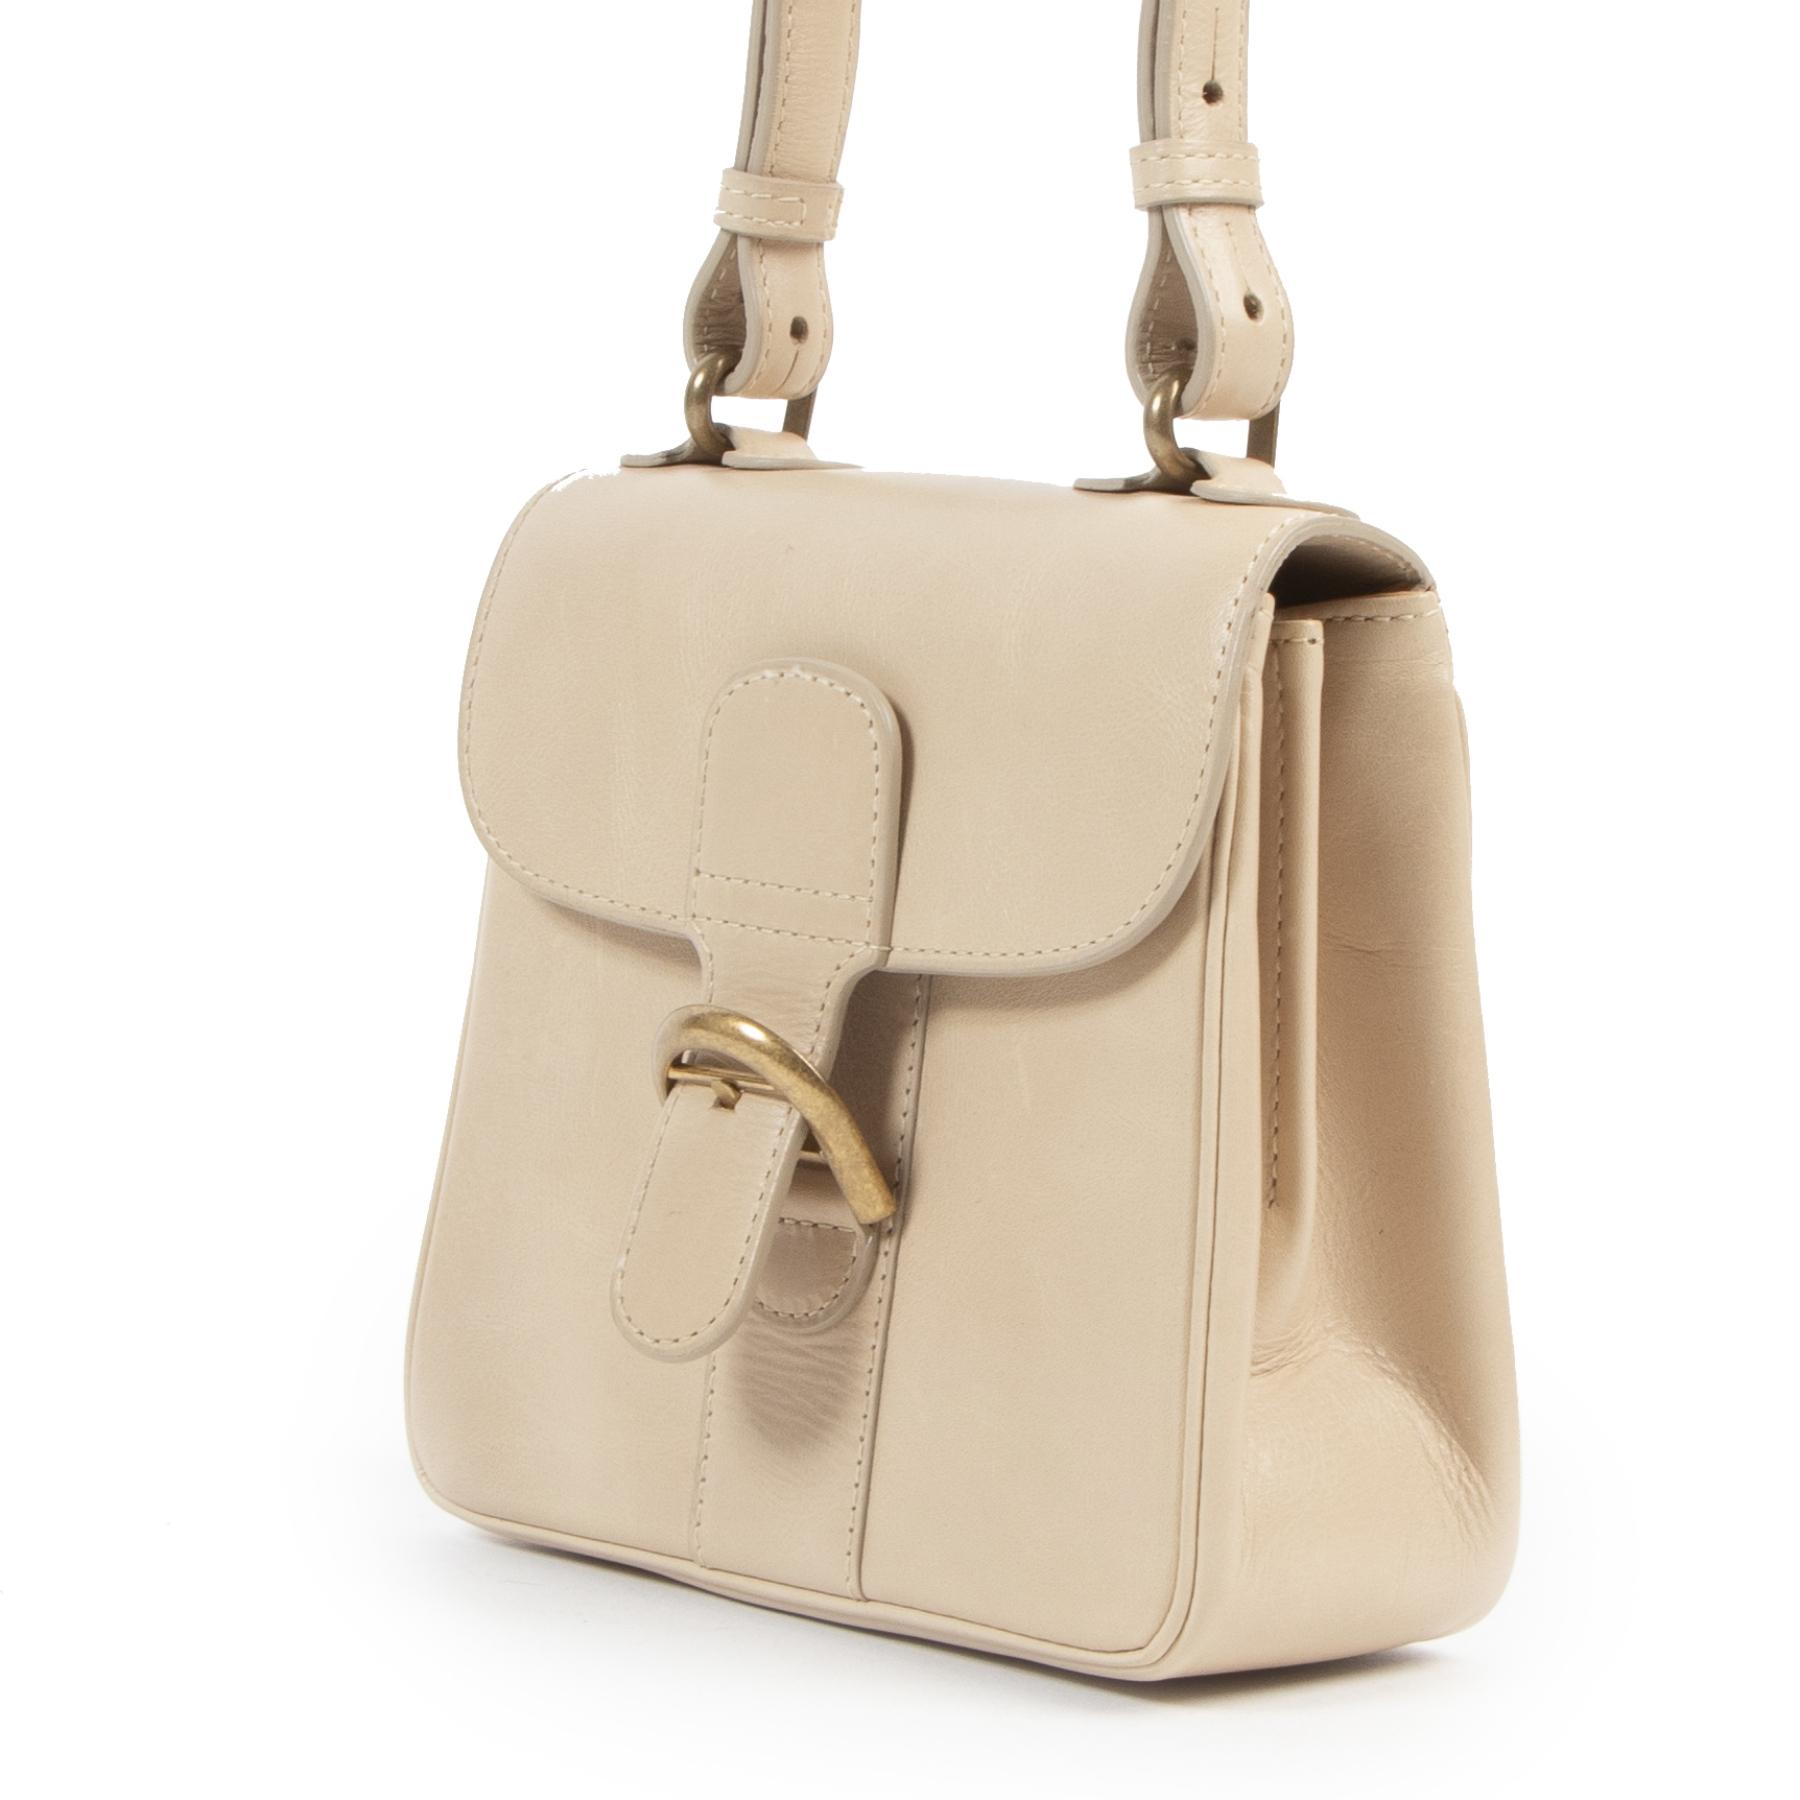 Acheter d'authentiques sacs Delvaux d'occasion à bon prix chez LabelLOV.